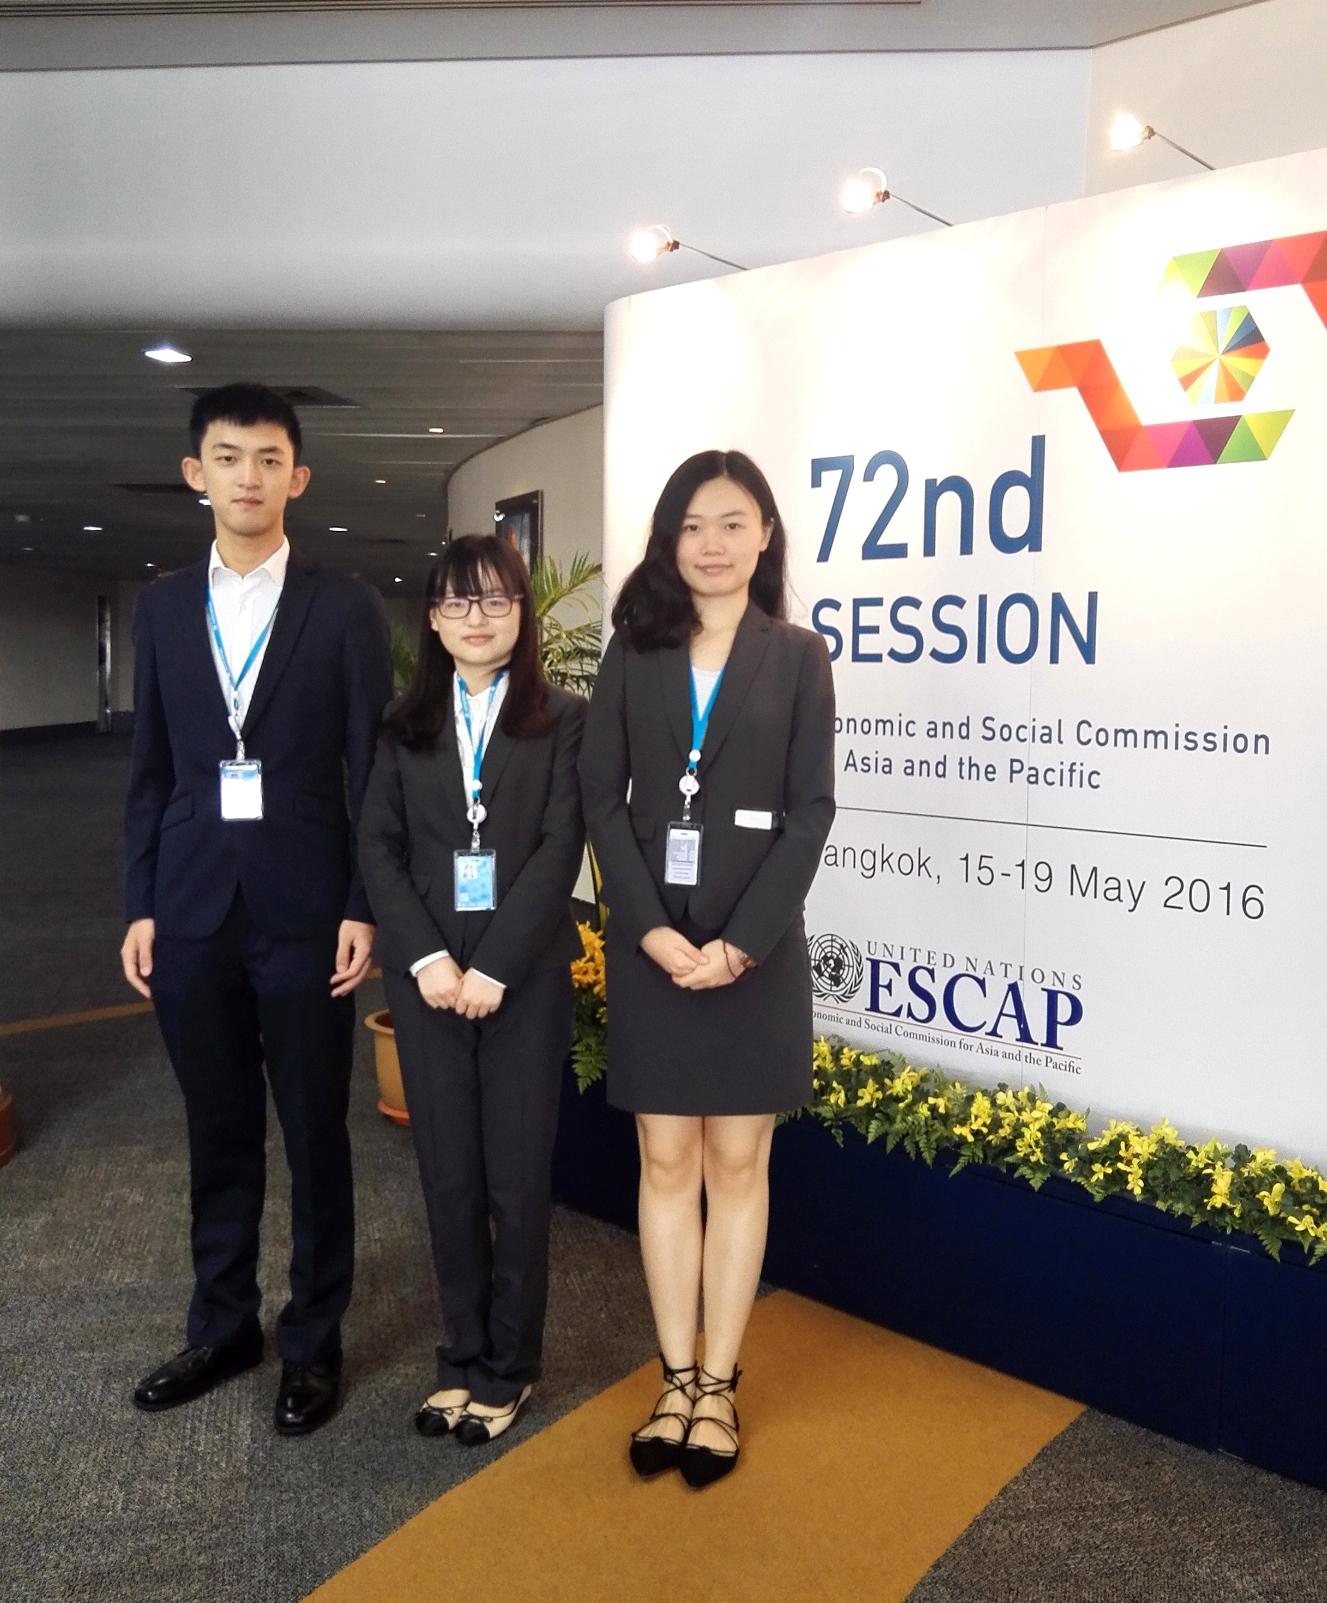 中大实习生于UNESCAP第72届年会中担任志愿者。